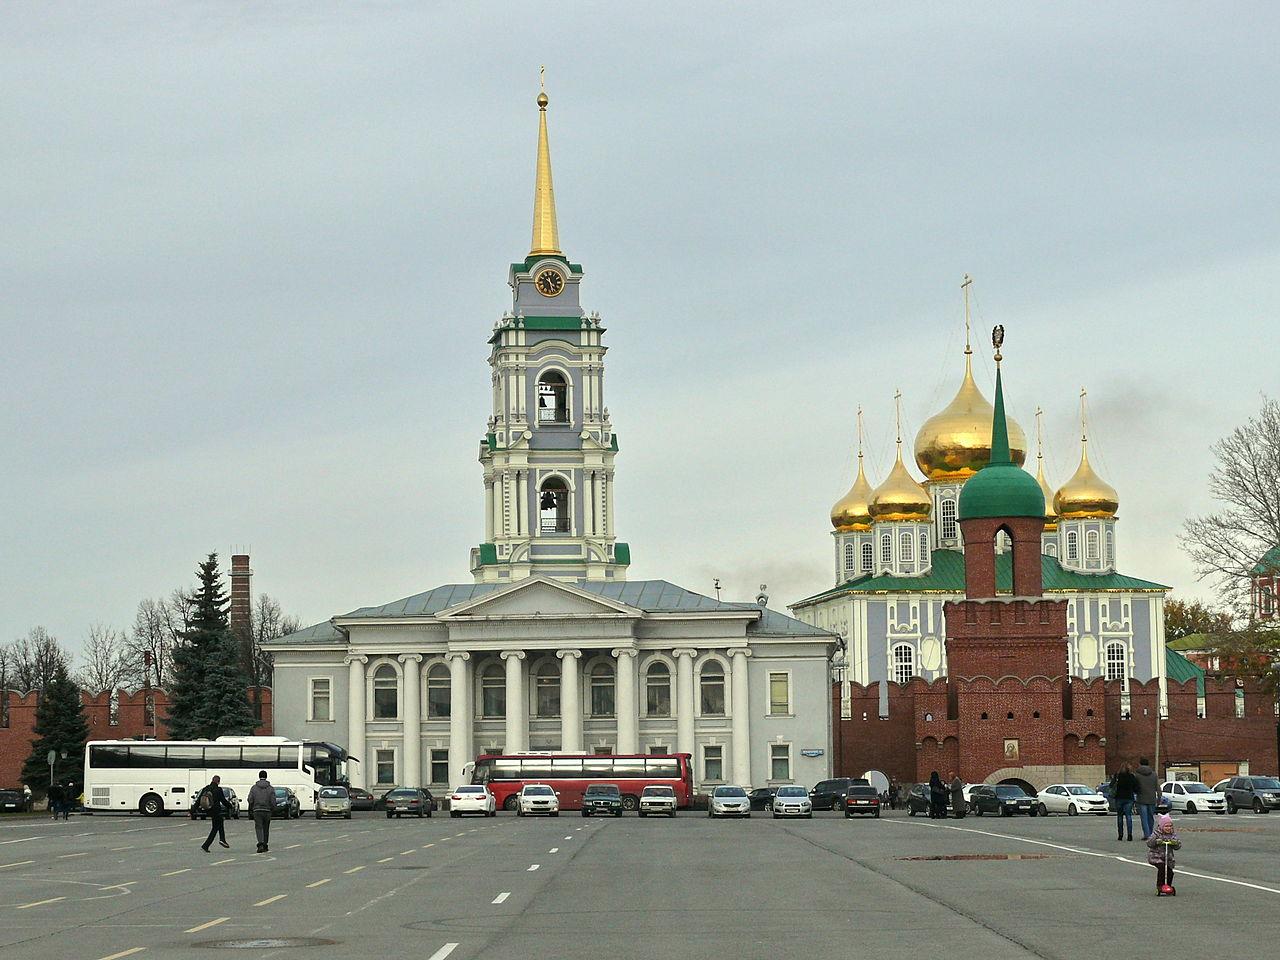 Тульский музей самоваров на фоне Тульского кремля